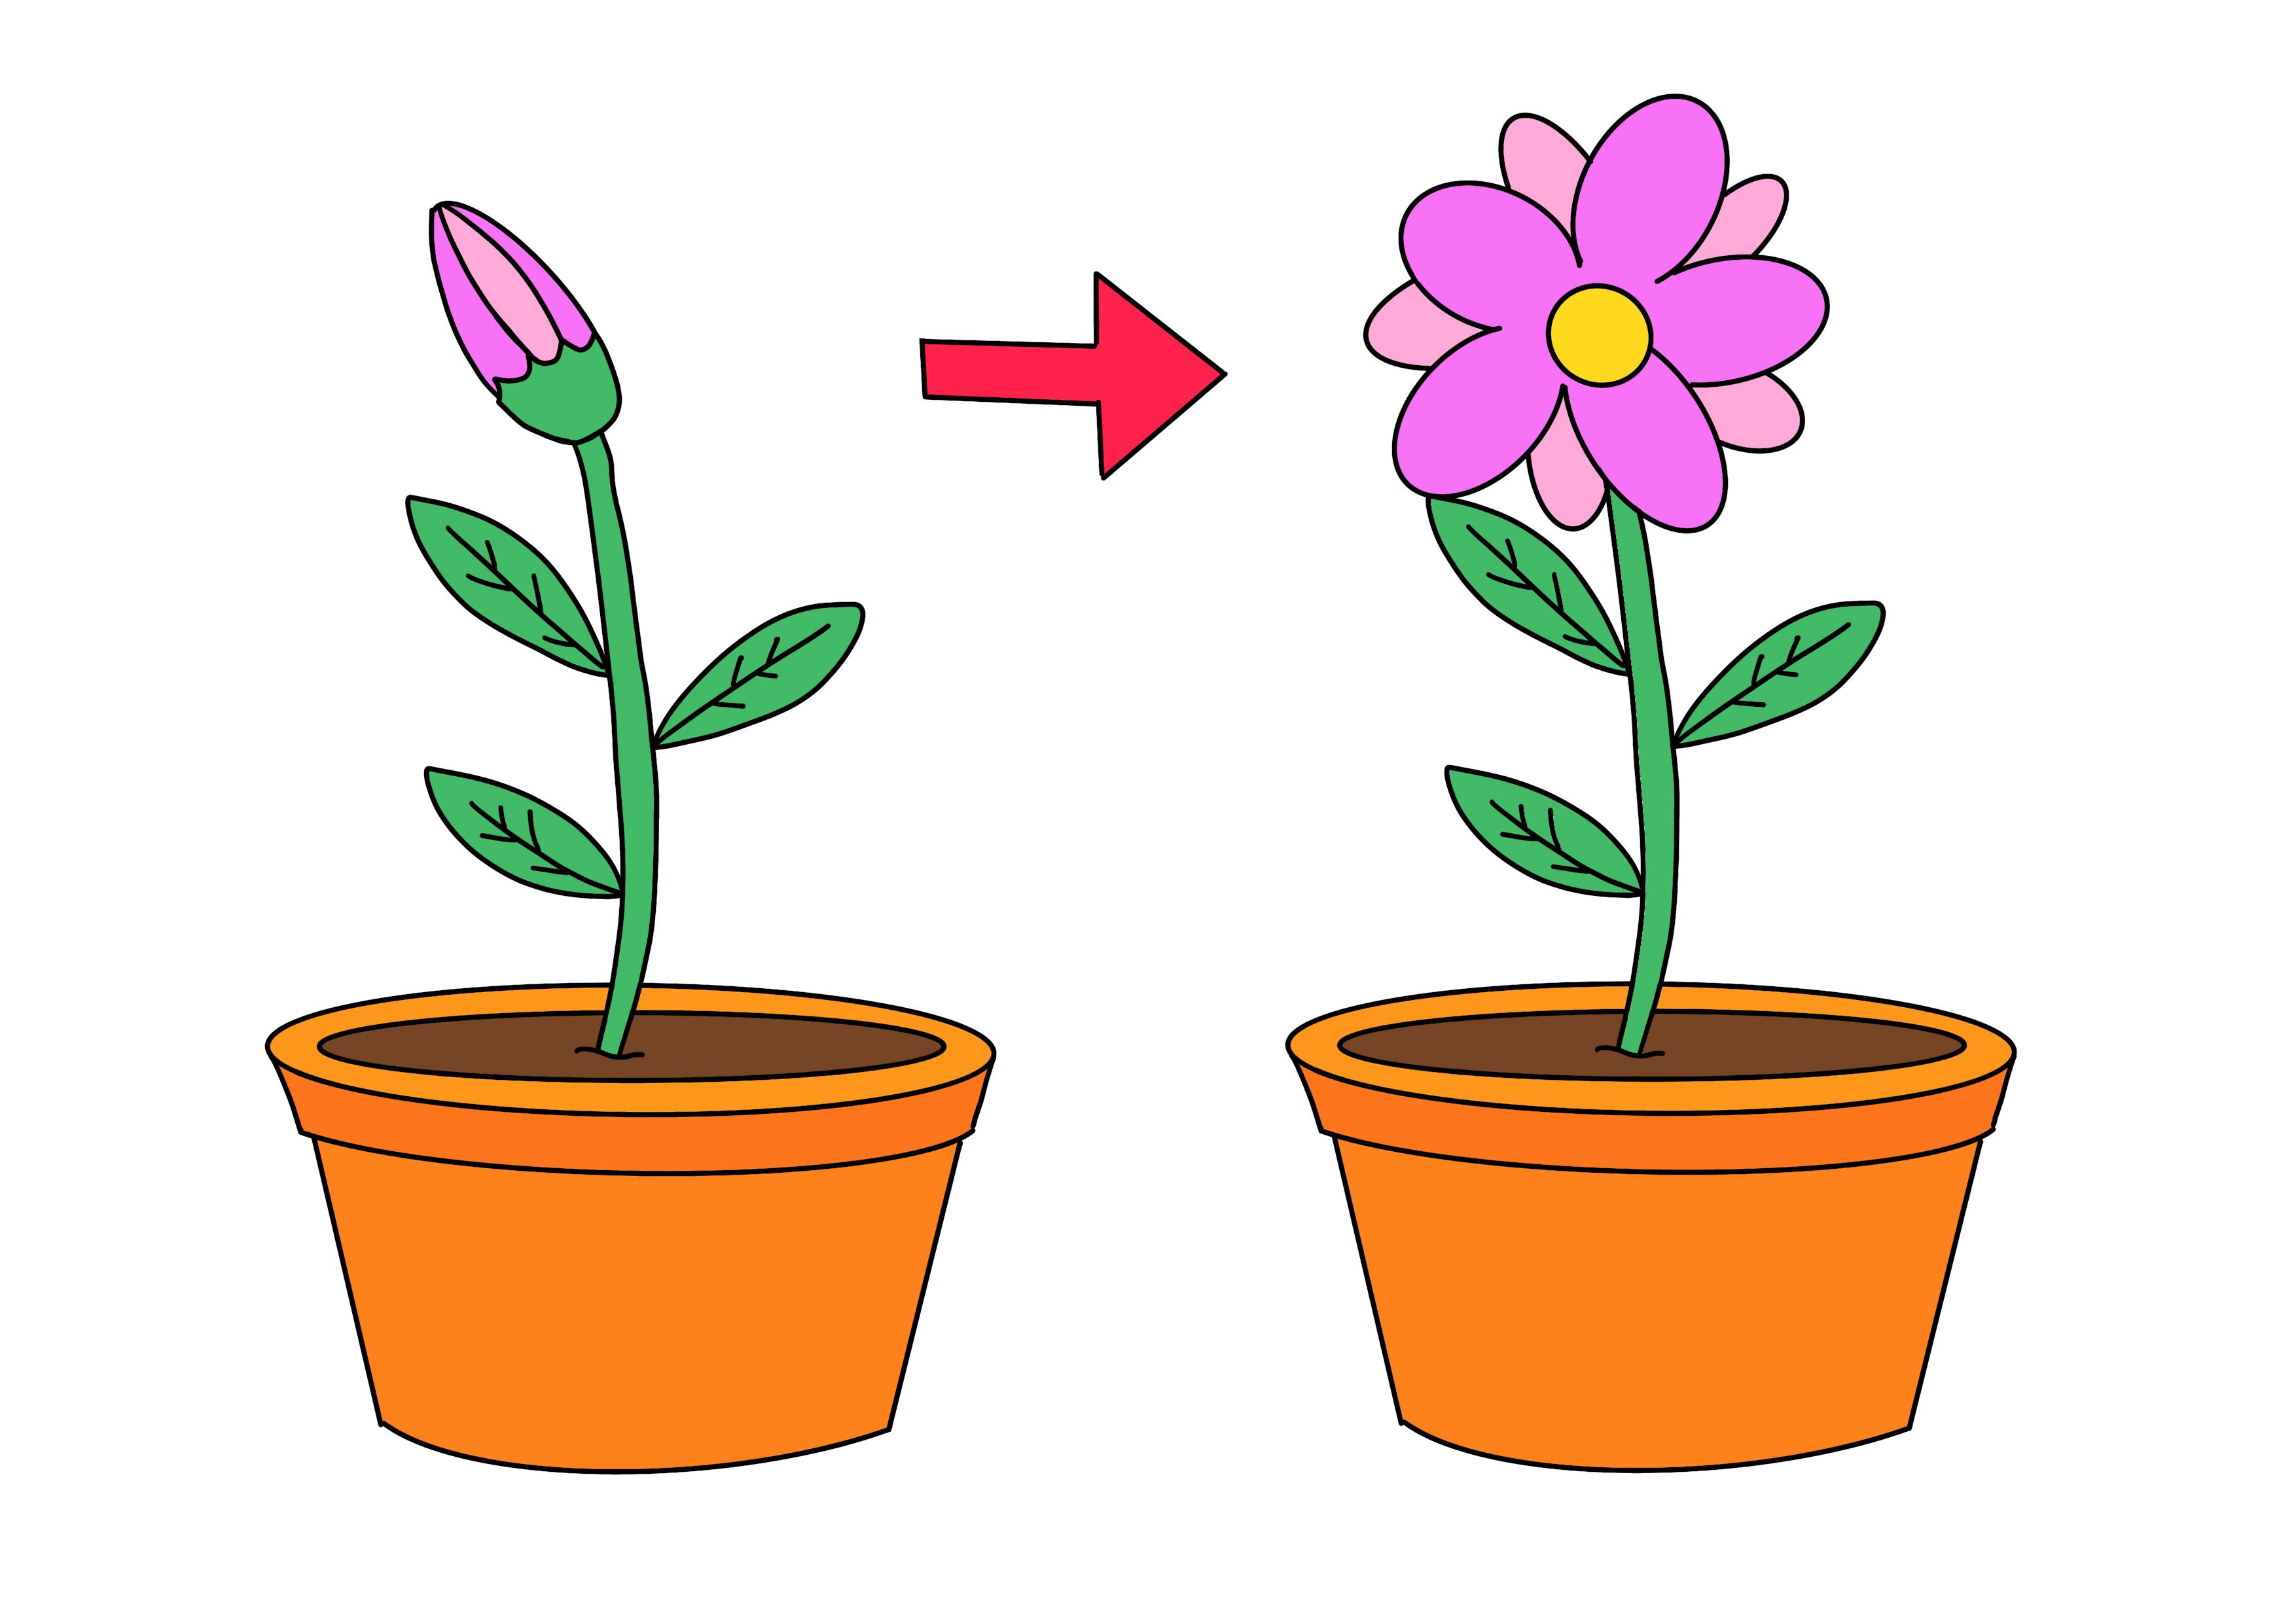 35課イラスト【花が咲く】